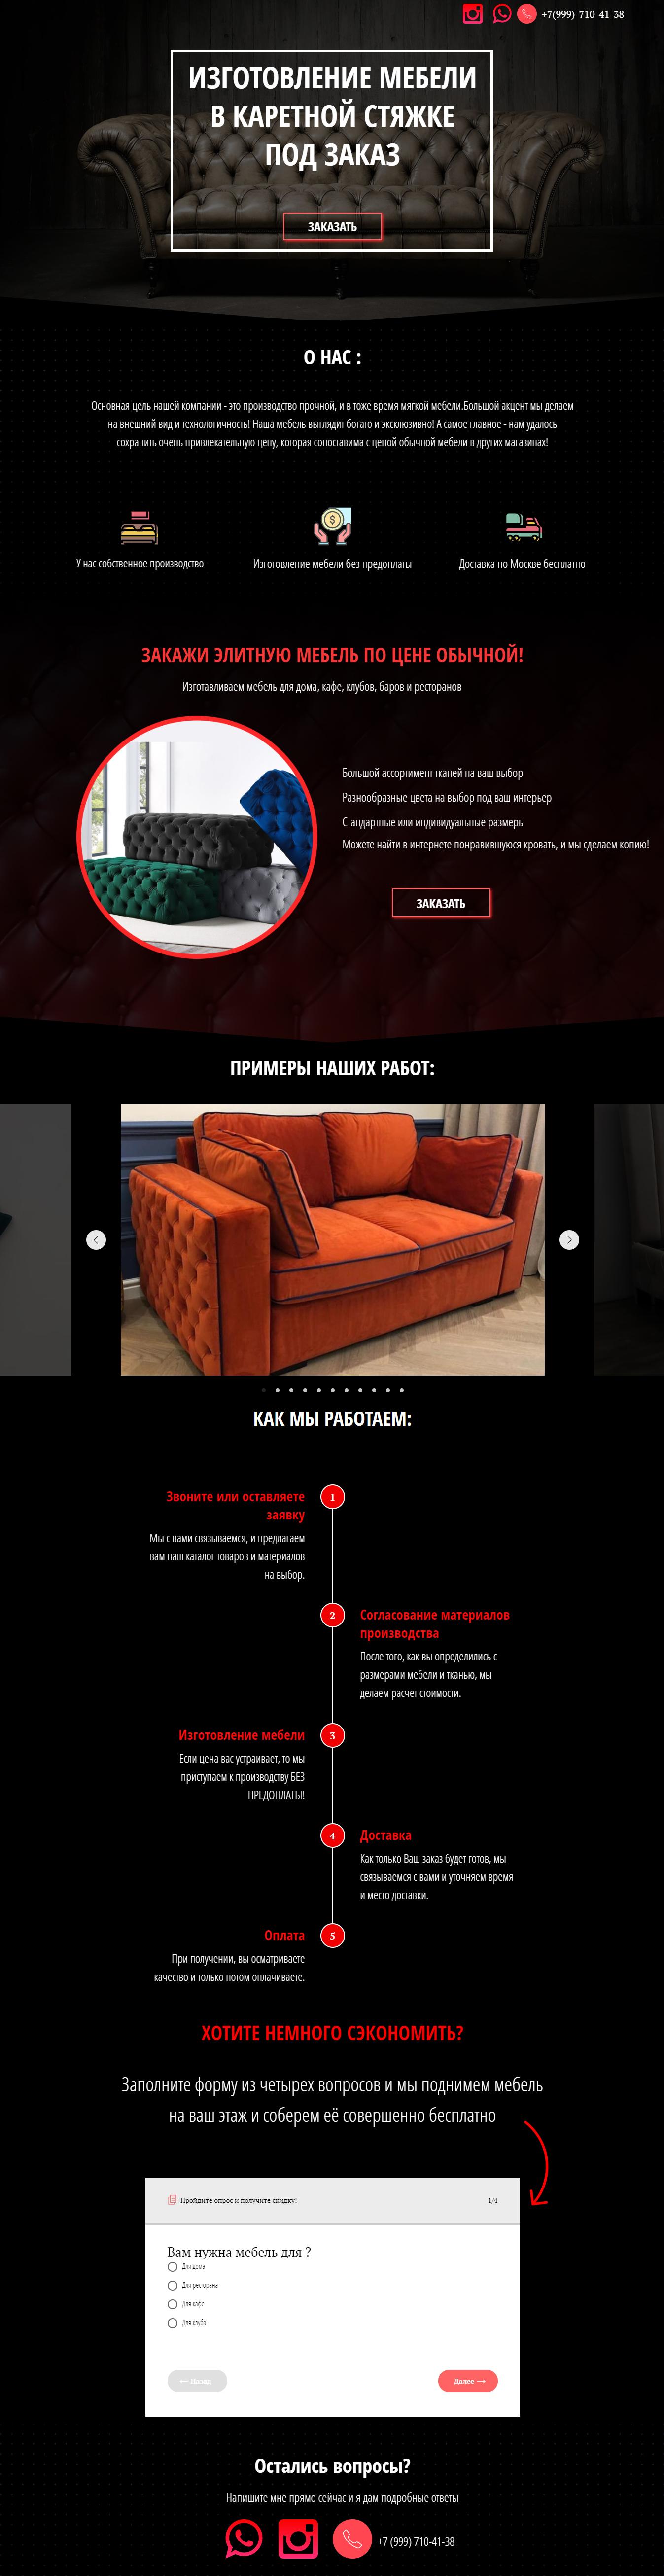 Сайт для мебели под заказ